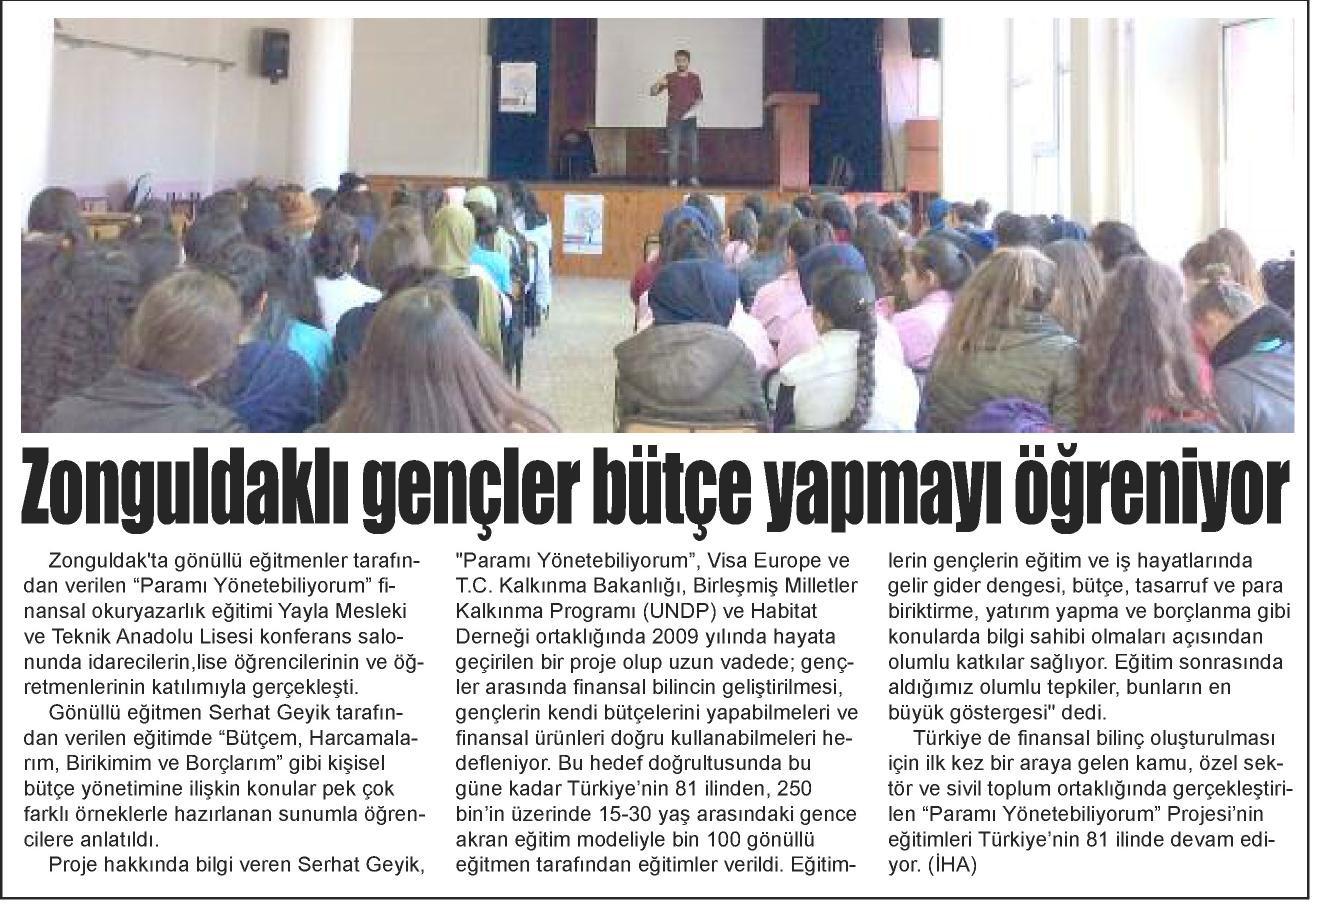 'Paramı Yönetebiliyorum' Projesi kapsamında Zonguldaklı gençler bütçe yapmayı öğreniyor